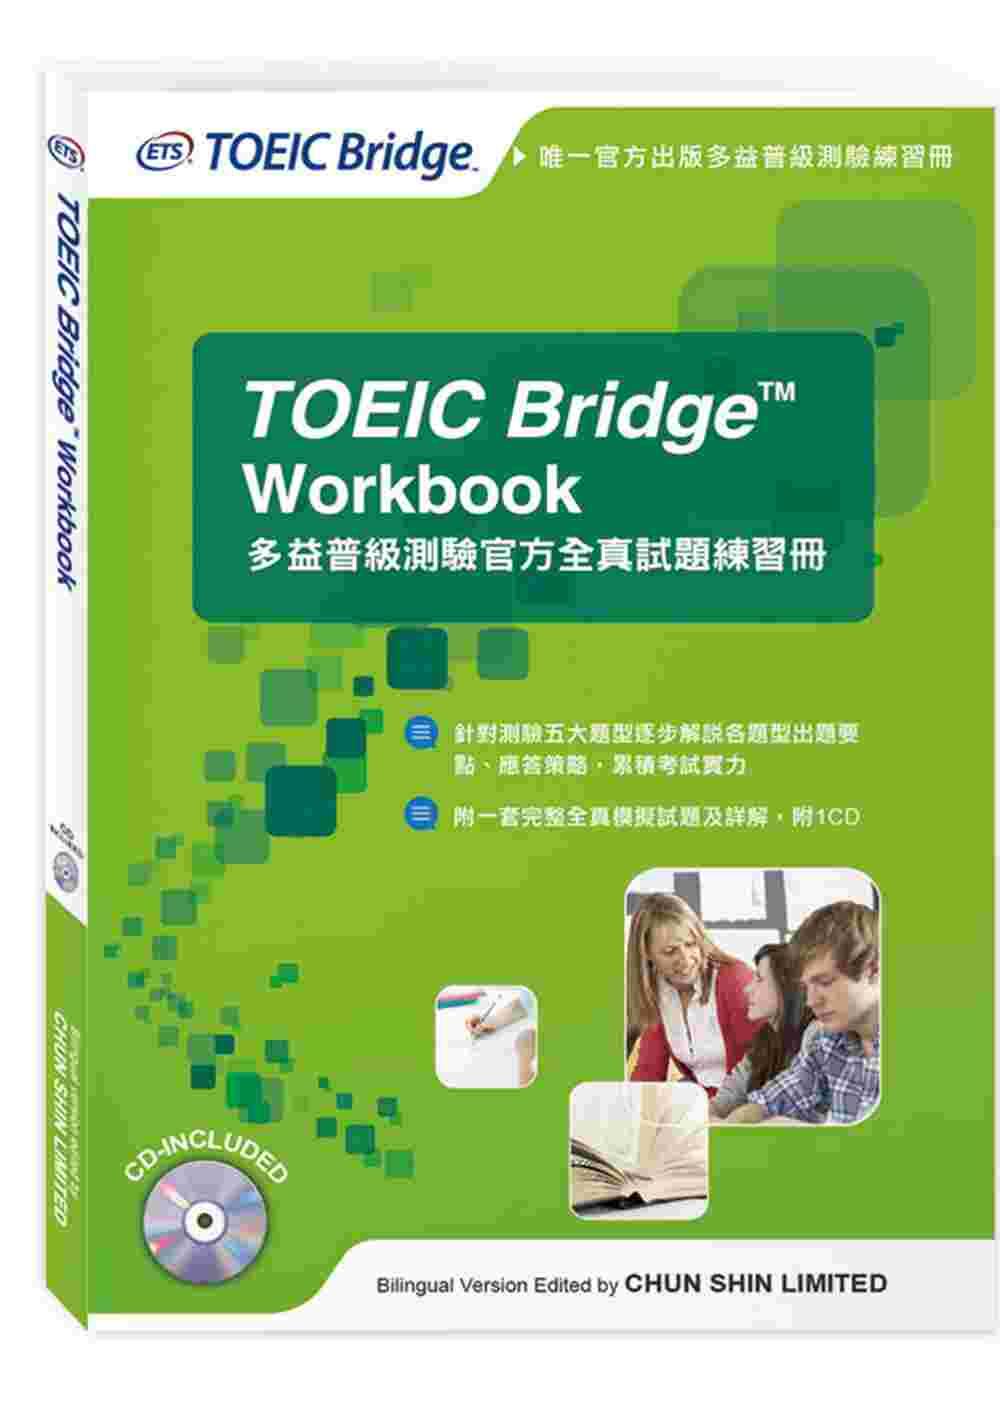 多益普級測驗官方全真試題練習冊 (附光碟一片):TOEIC Bridge Workbook